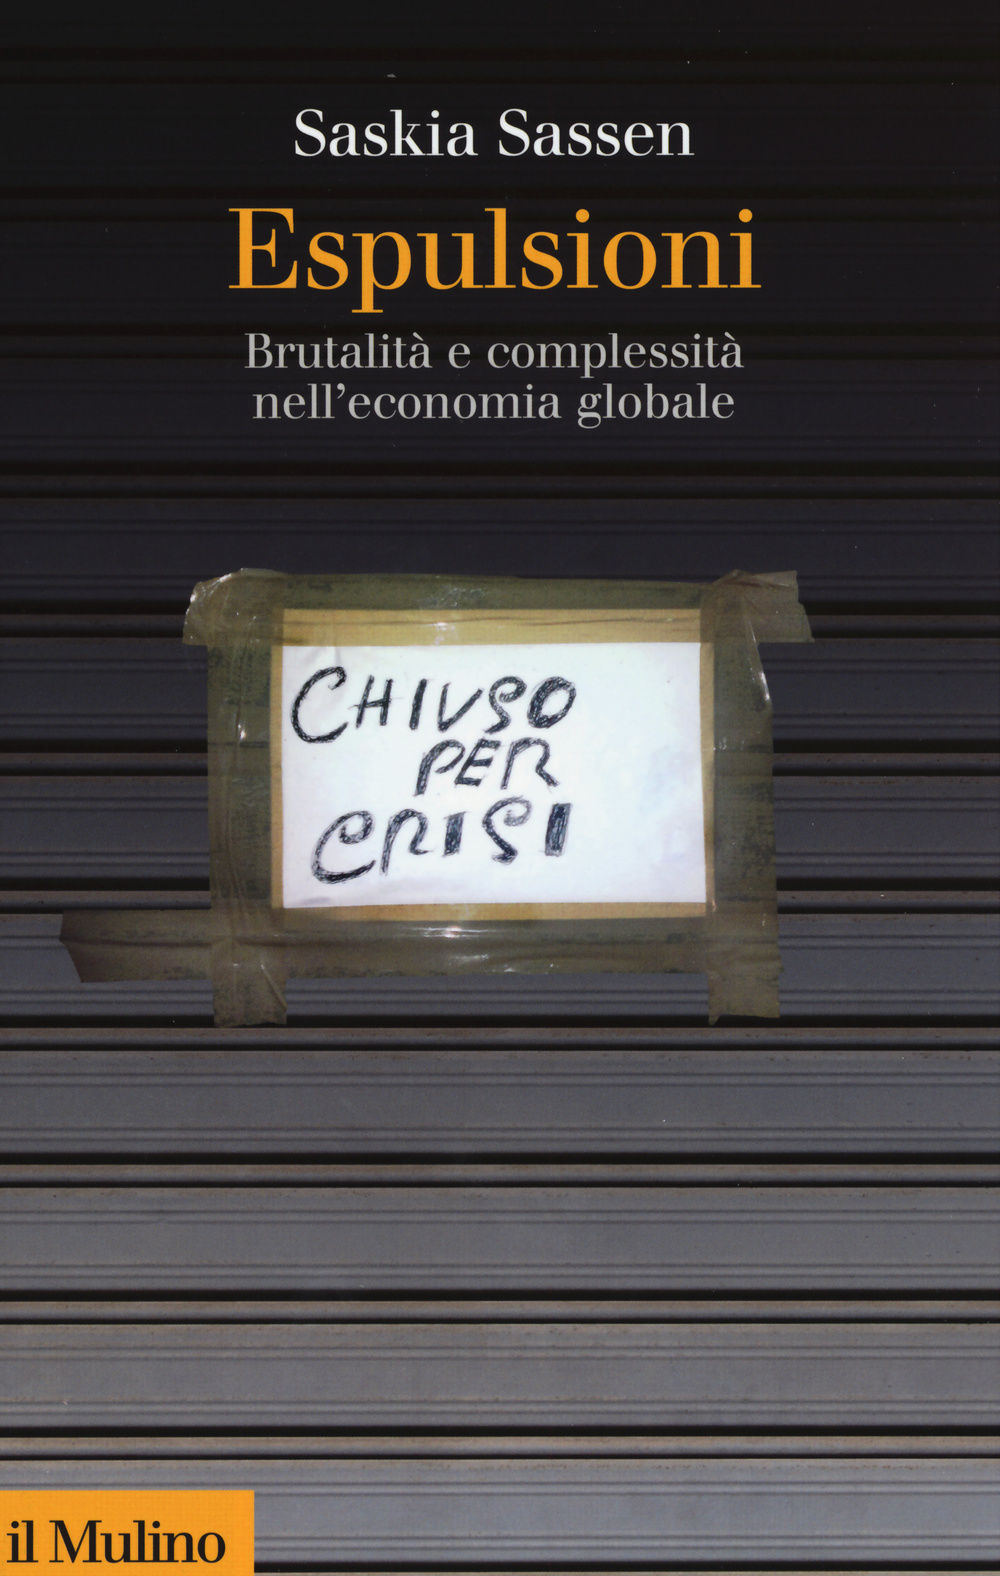 Espulsioni. Brutalità e complessità nell'economia globale Book Cover